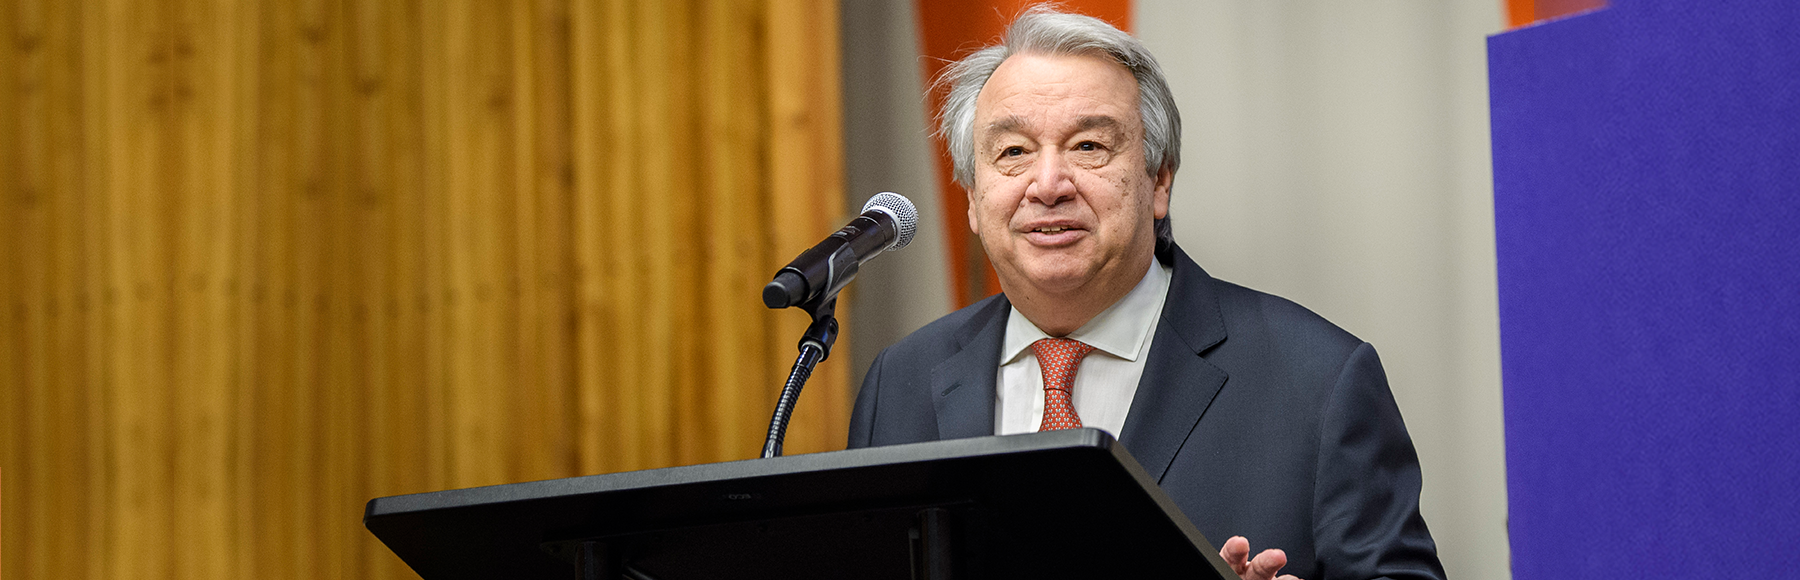 Mensagem do Secretário-Geral da ONU para o Dia Mundial contra a AIDS